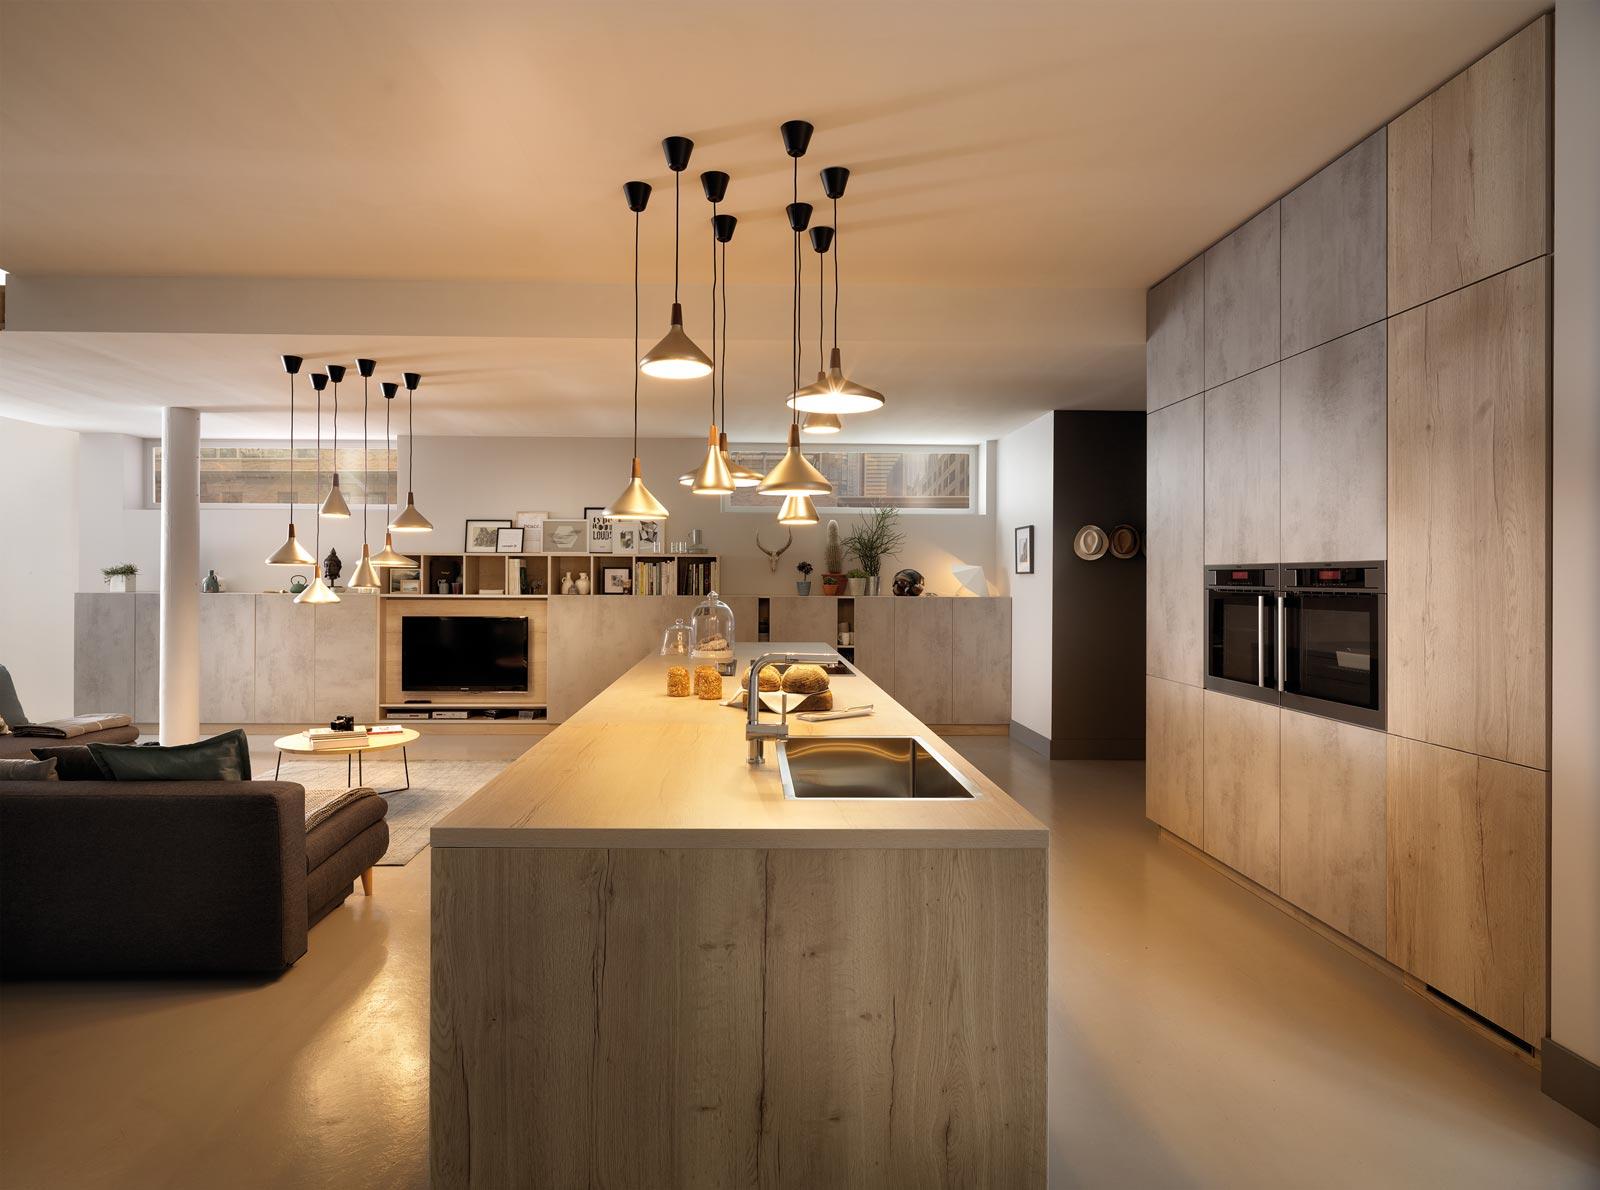 Opinioni Su Arrital Cucine cucine moderne | spaziose o piccole, economiche o lussuose